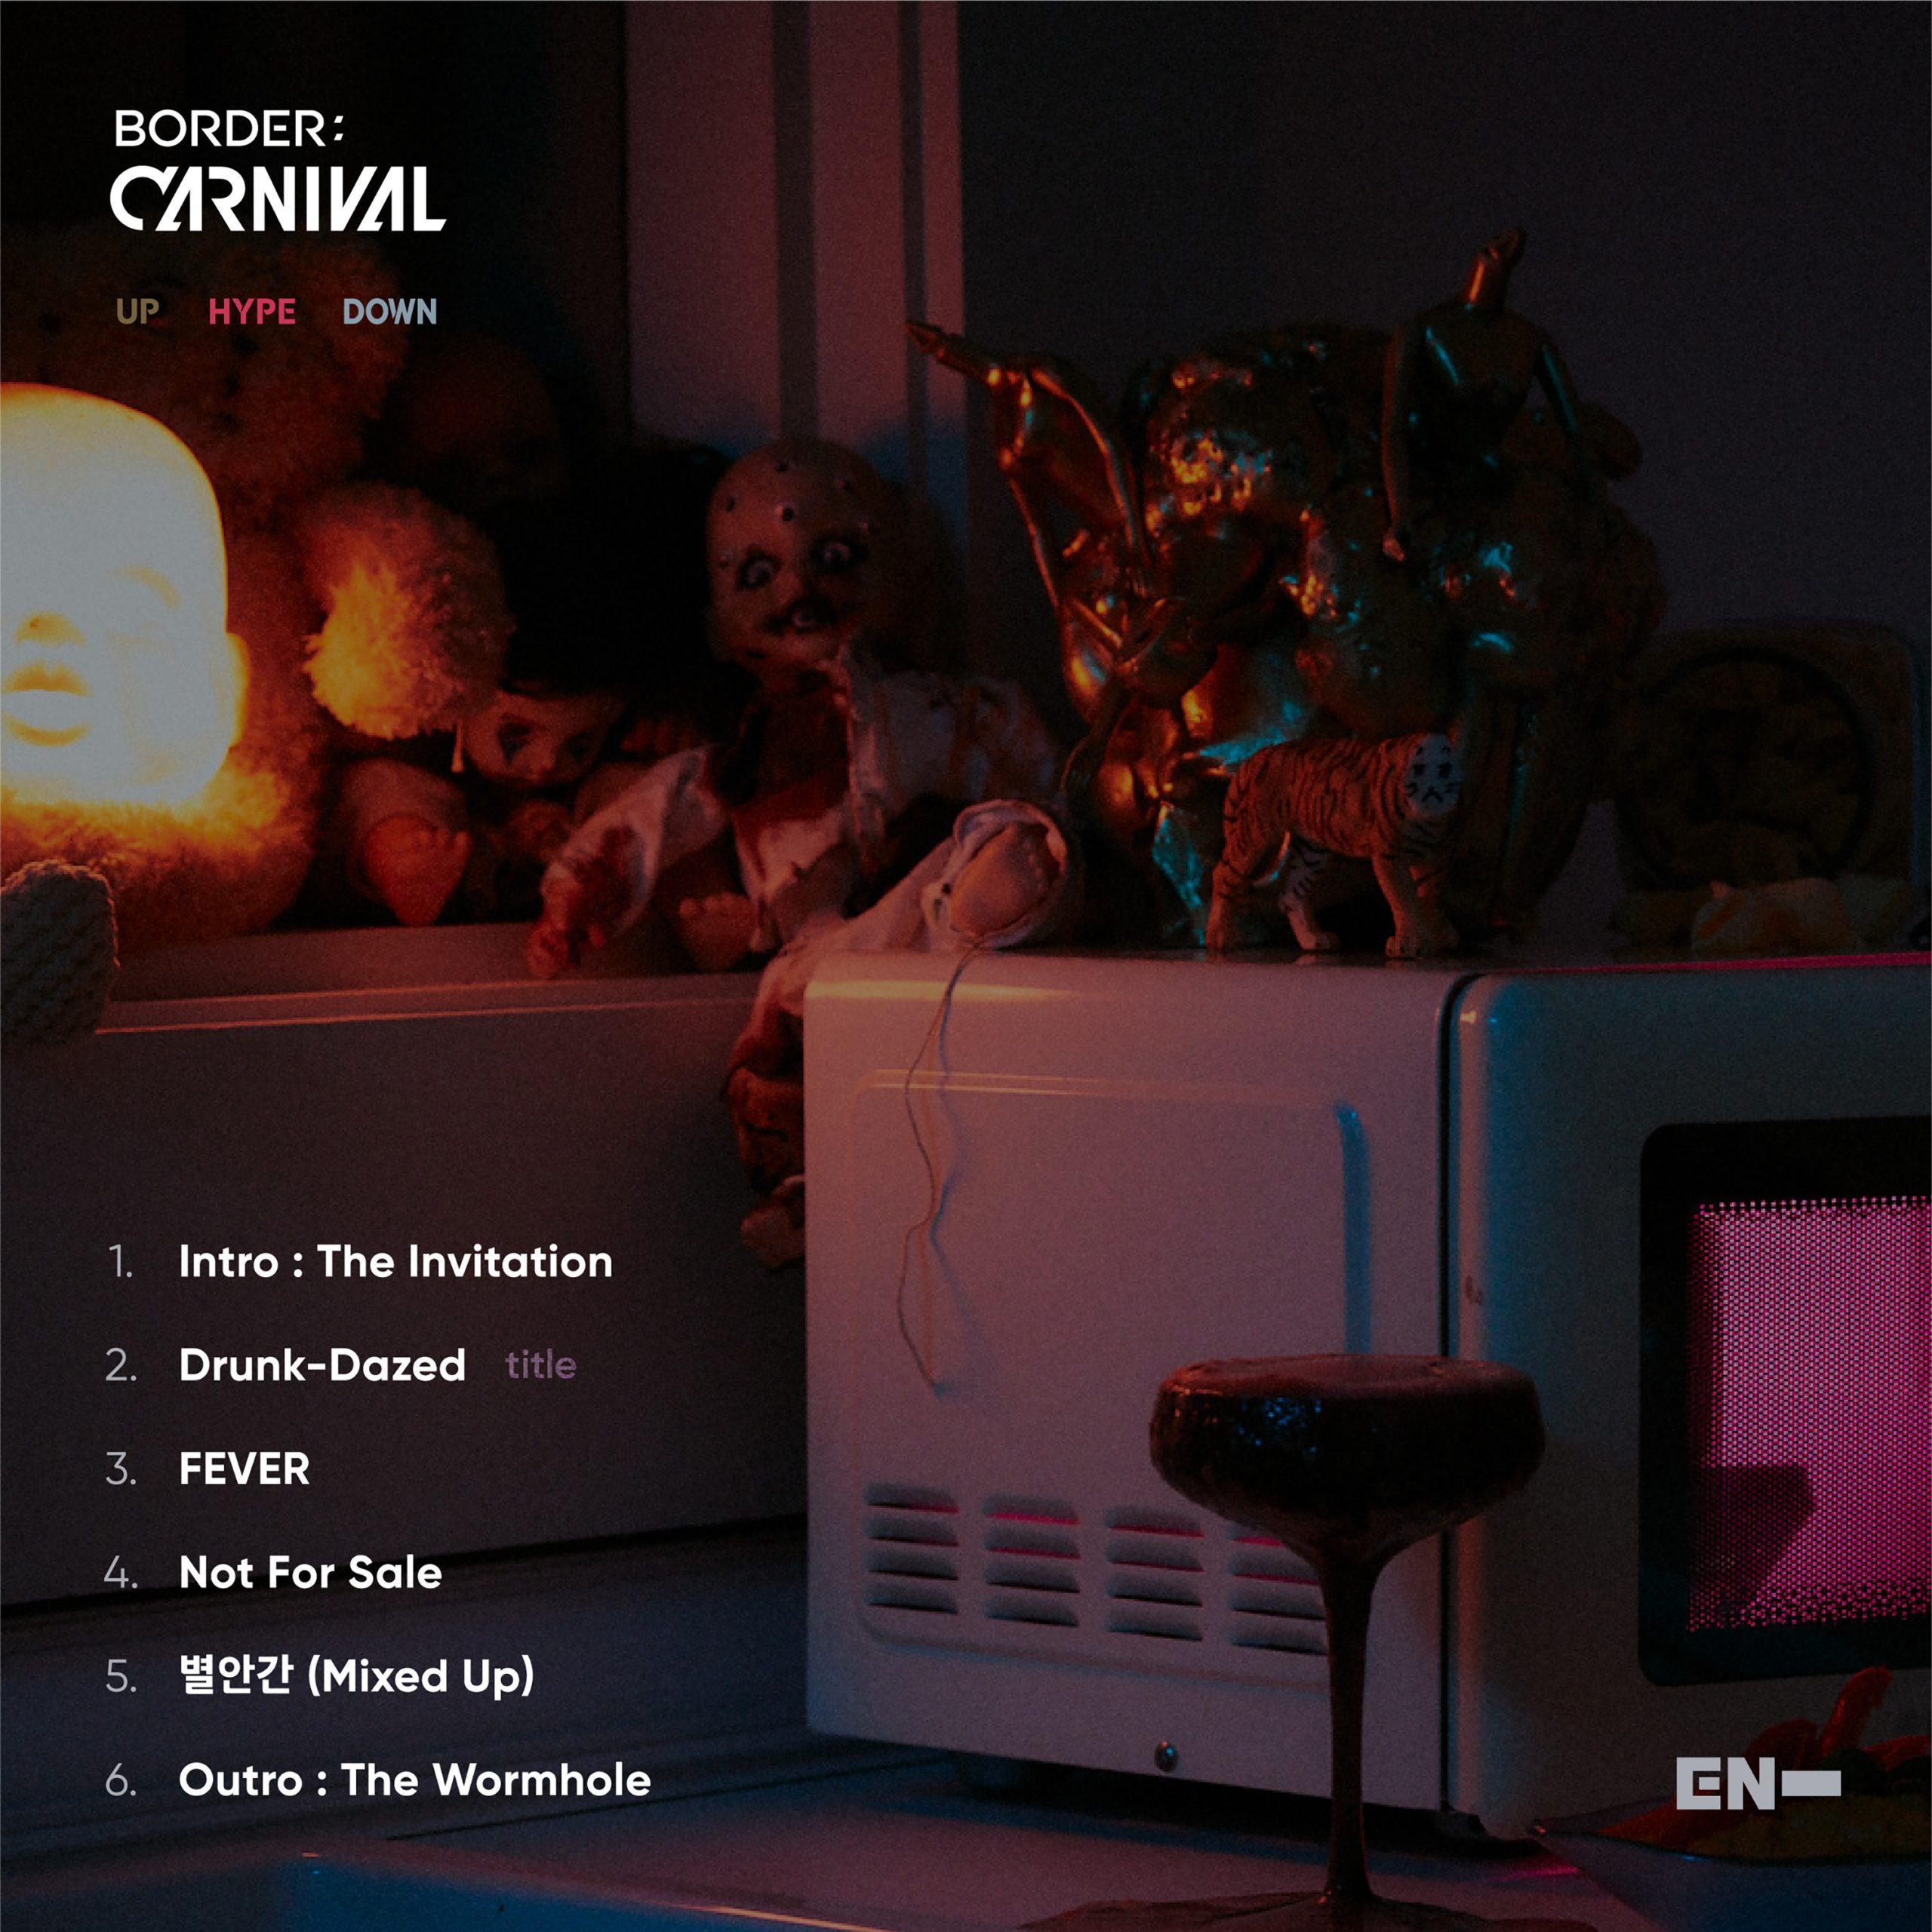 ENHYPEN comparte lista de canciones para su álbum 'BORDER: CARNIVAL'